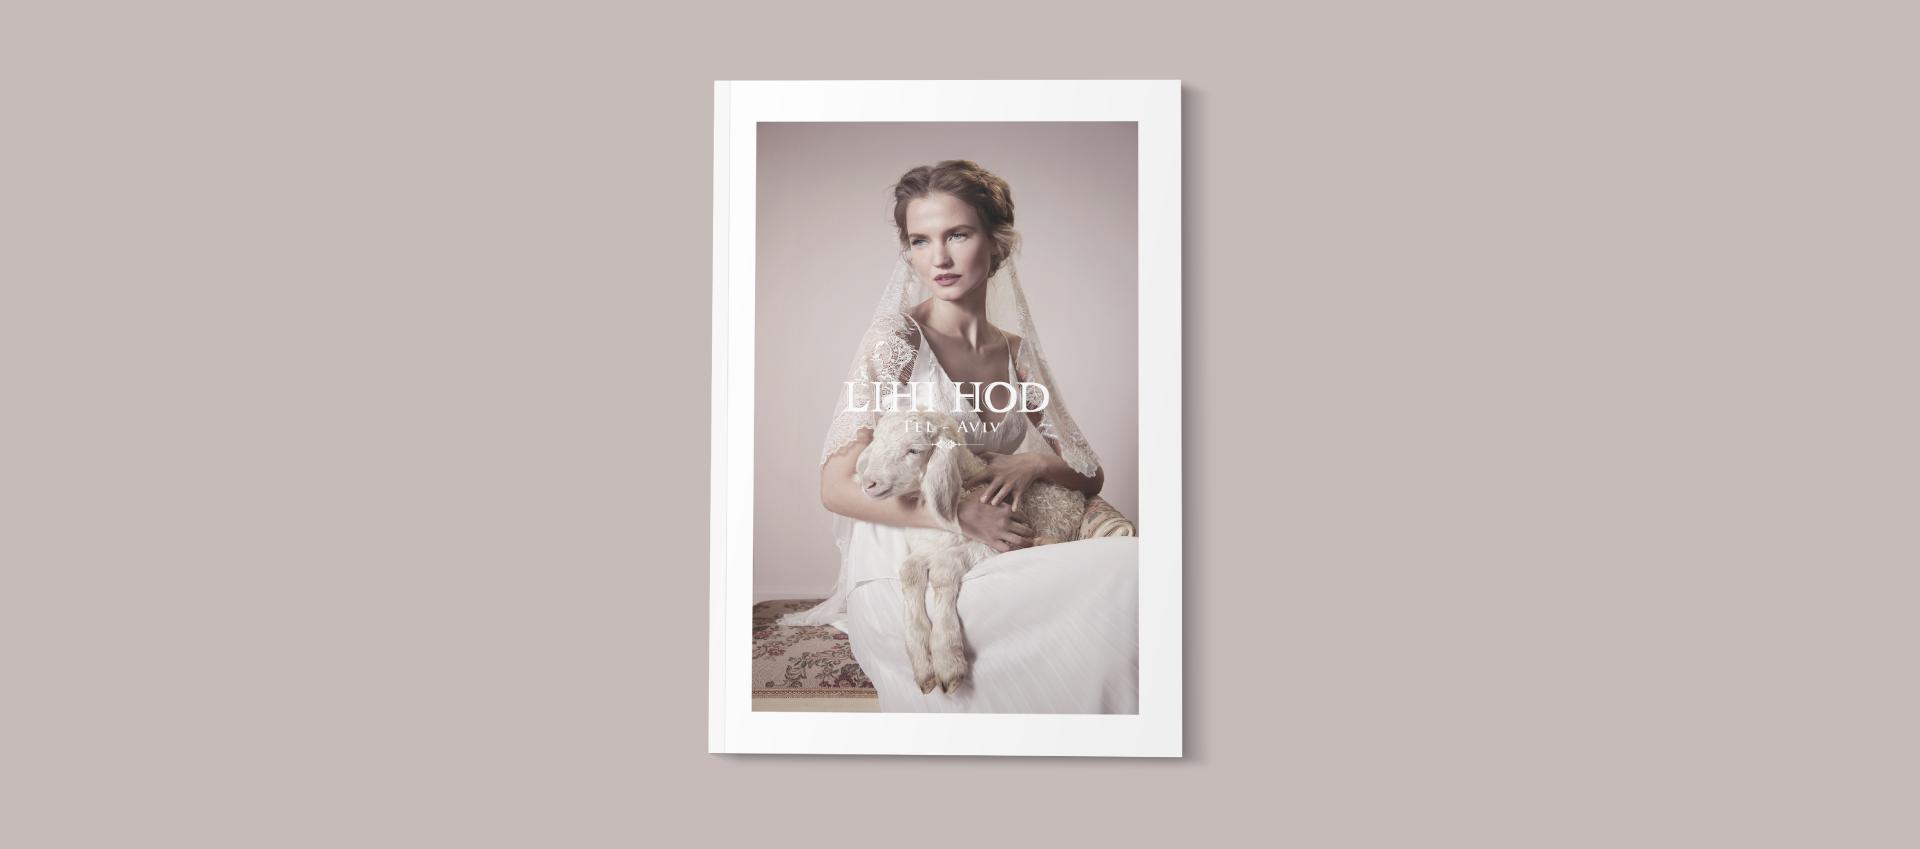 Lihi-Hod-Bridal-Slider-03-Nadmiz-Graphic-Design-Nadav-Mizrahi